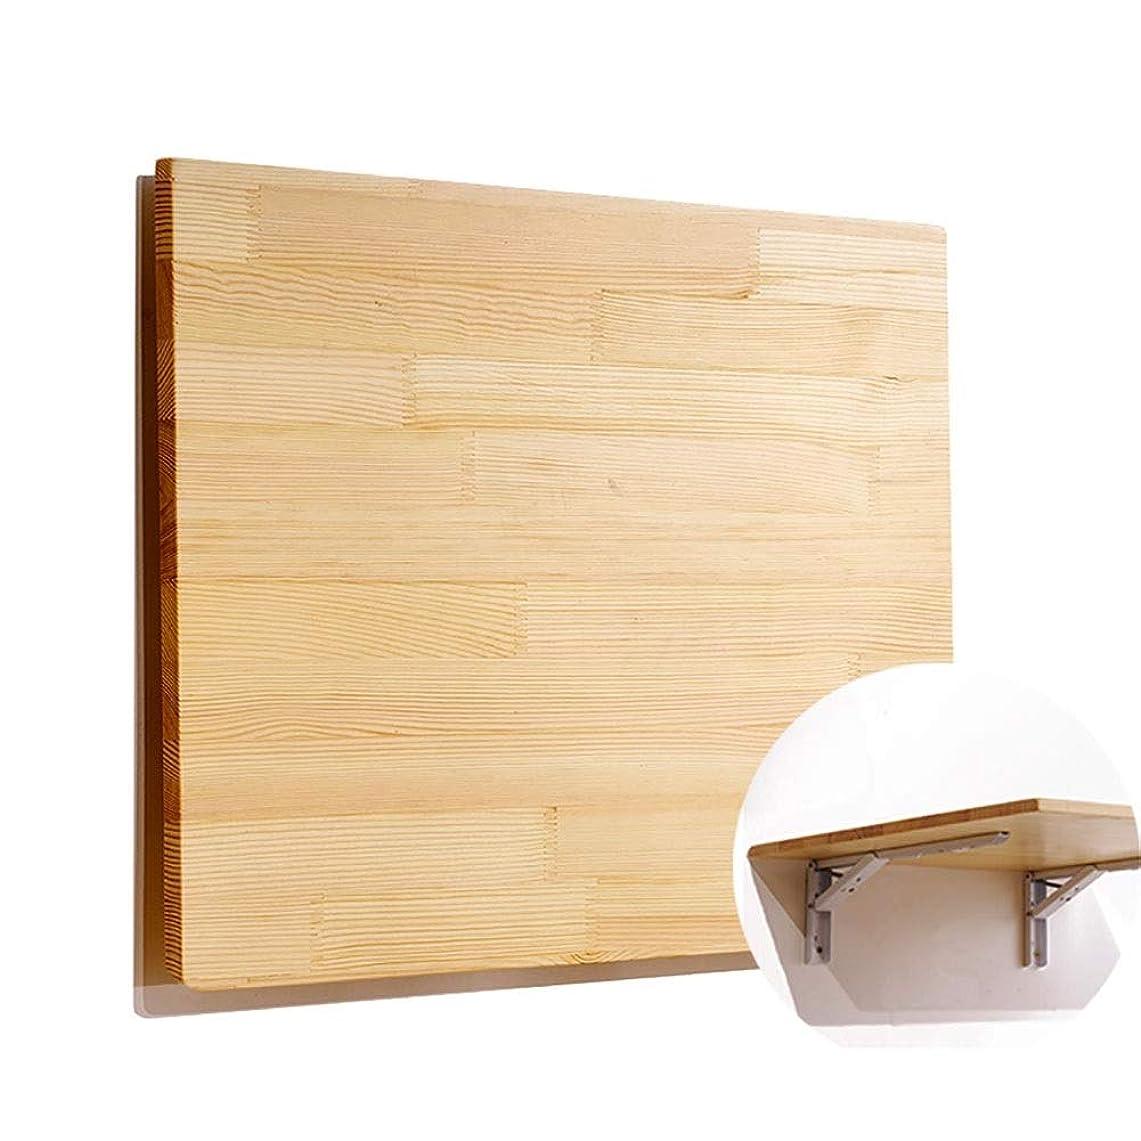 方法君主難しい壁掛け式テーブルサポートブラケット - 折りたたみ式ダイニングテーブルドロップリーフコンピュータースタディデスク (サイズ さいず : 80x30cm)